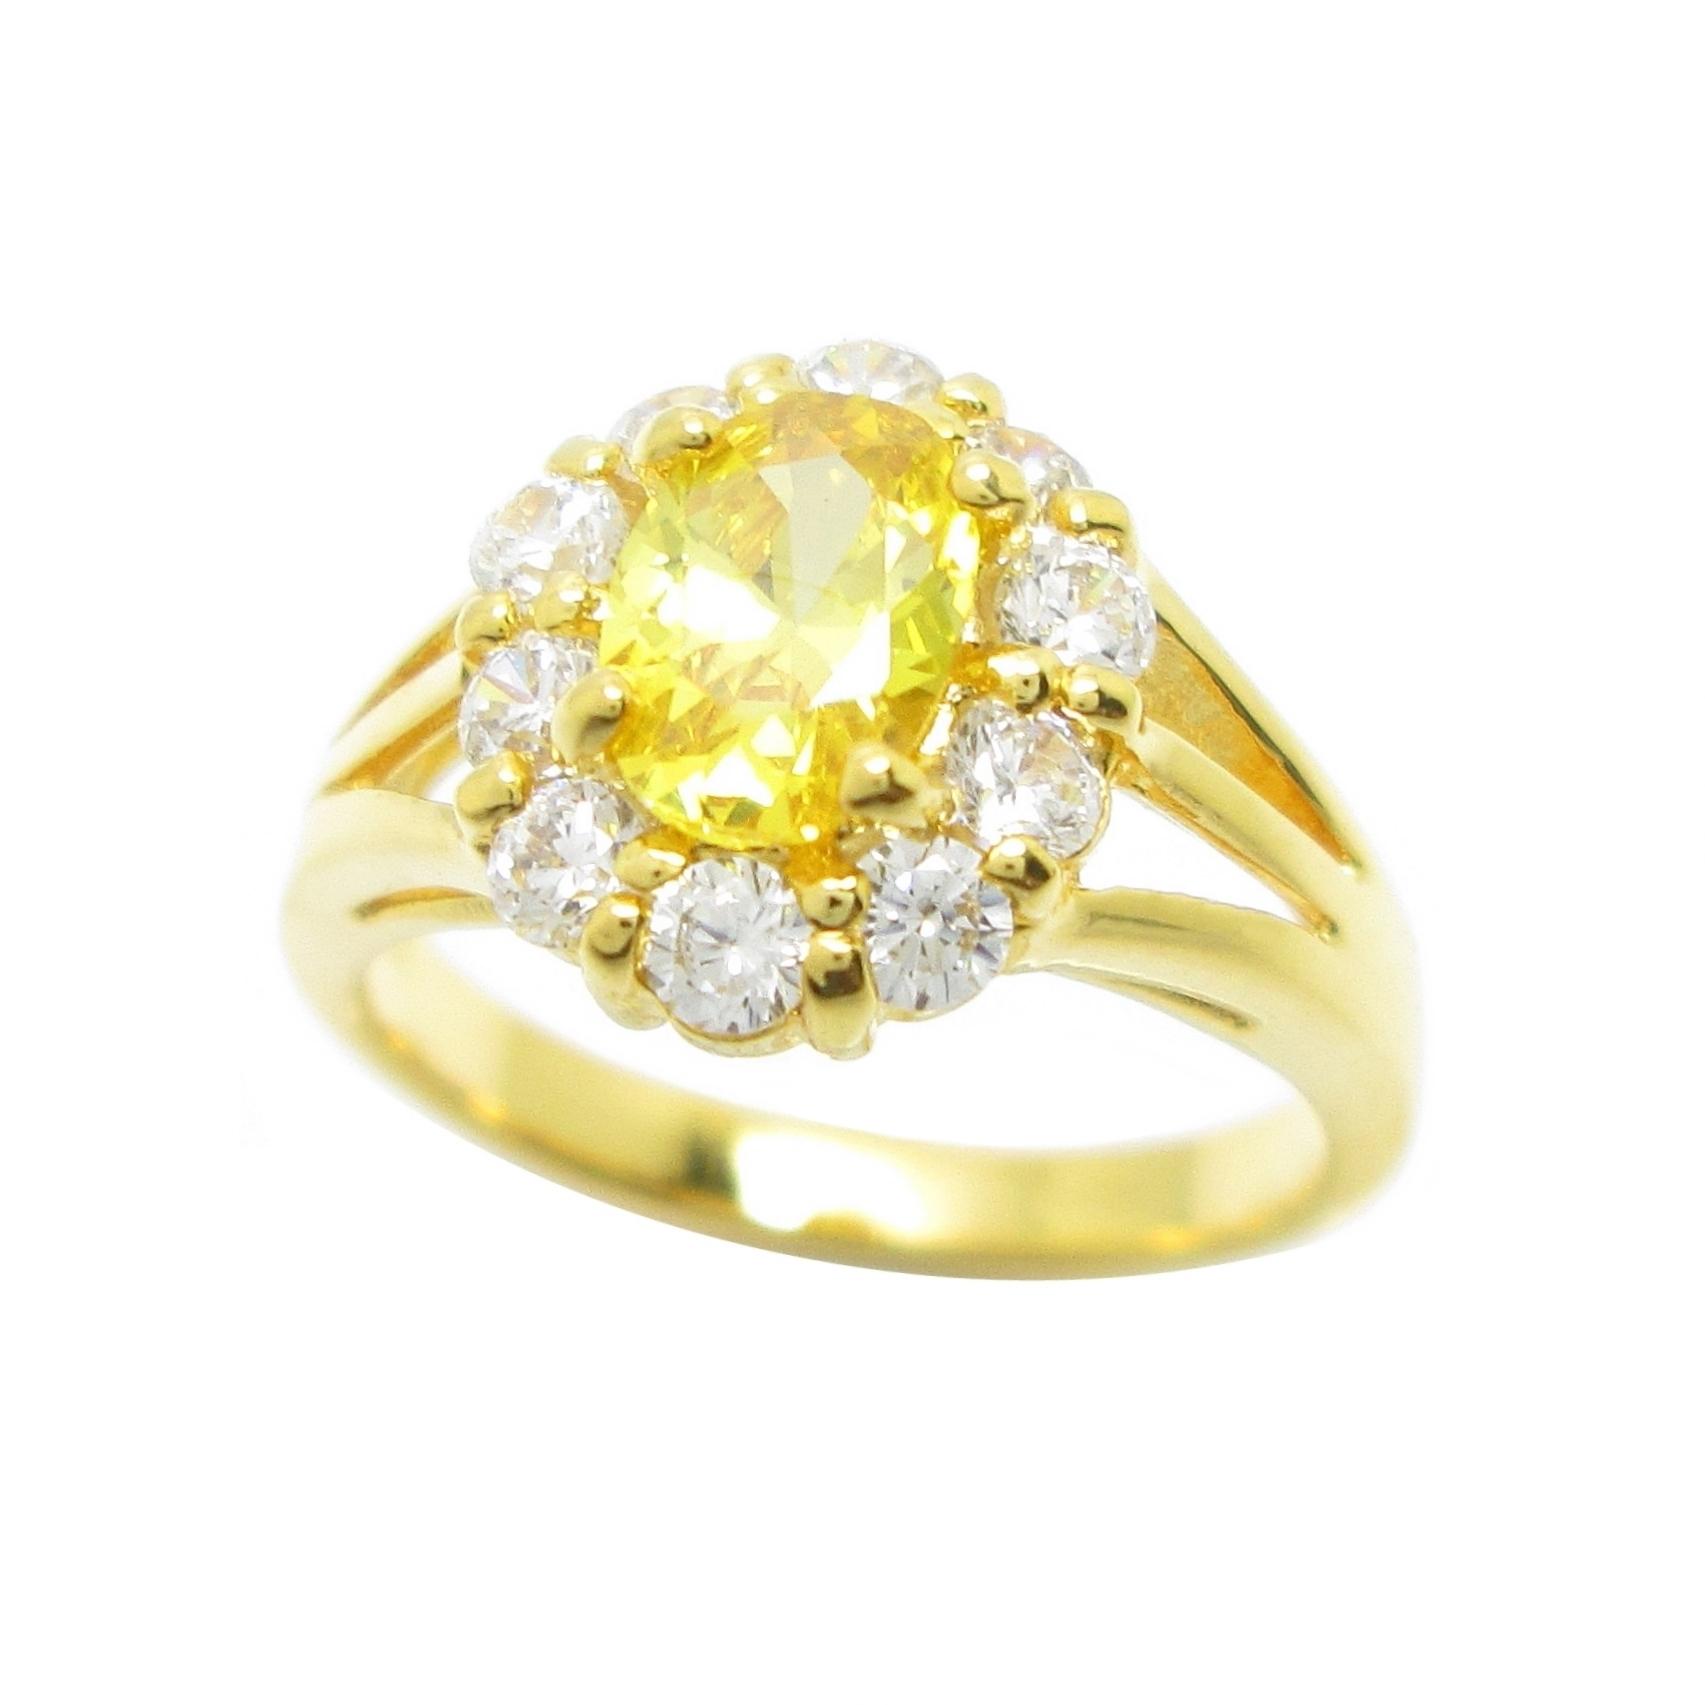 แหวนดอกไม้เพชรล้อมพลอยบุศราคัมชุบทอง